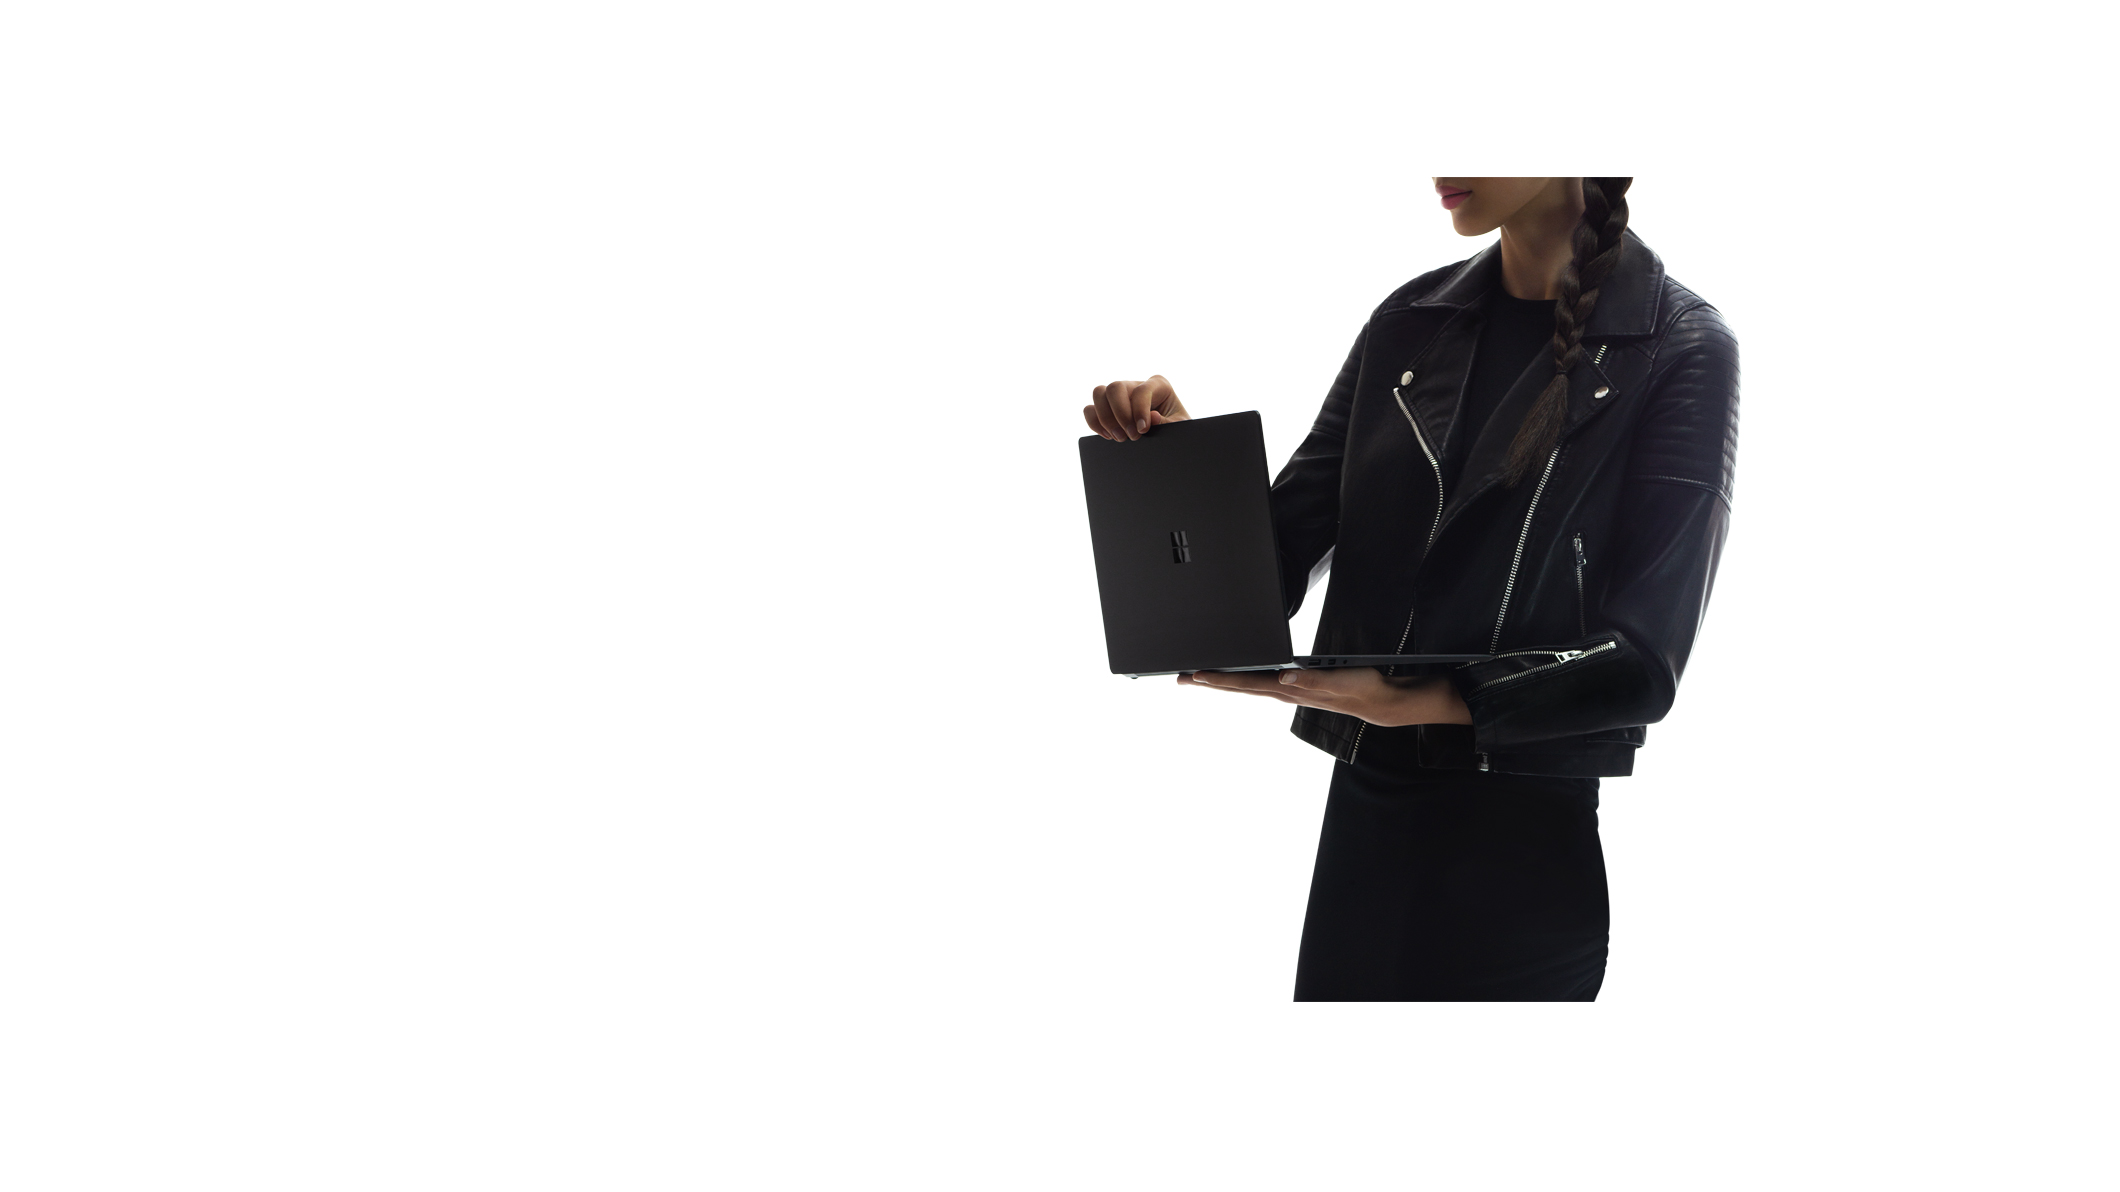 女人拿著 Surface Laptop 2 電腦